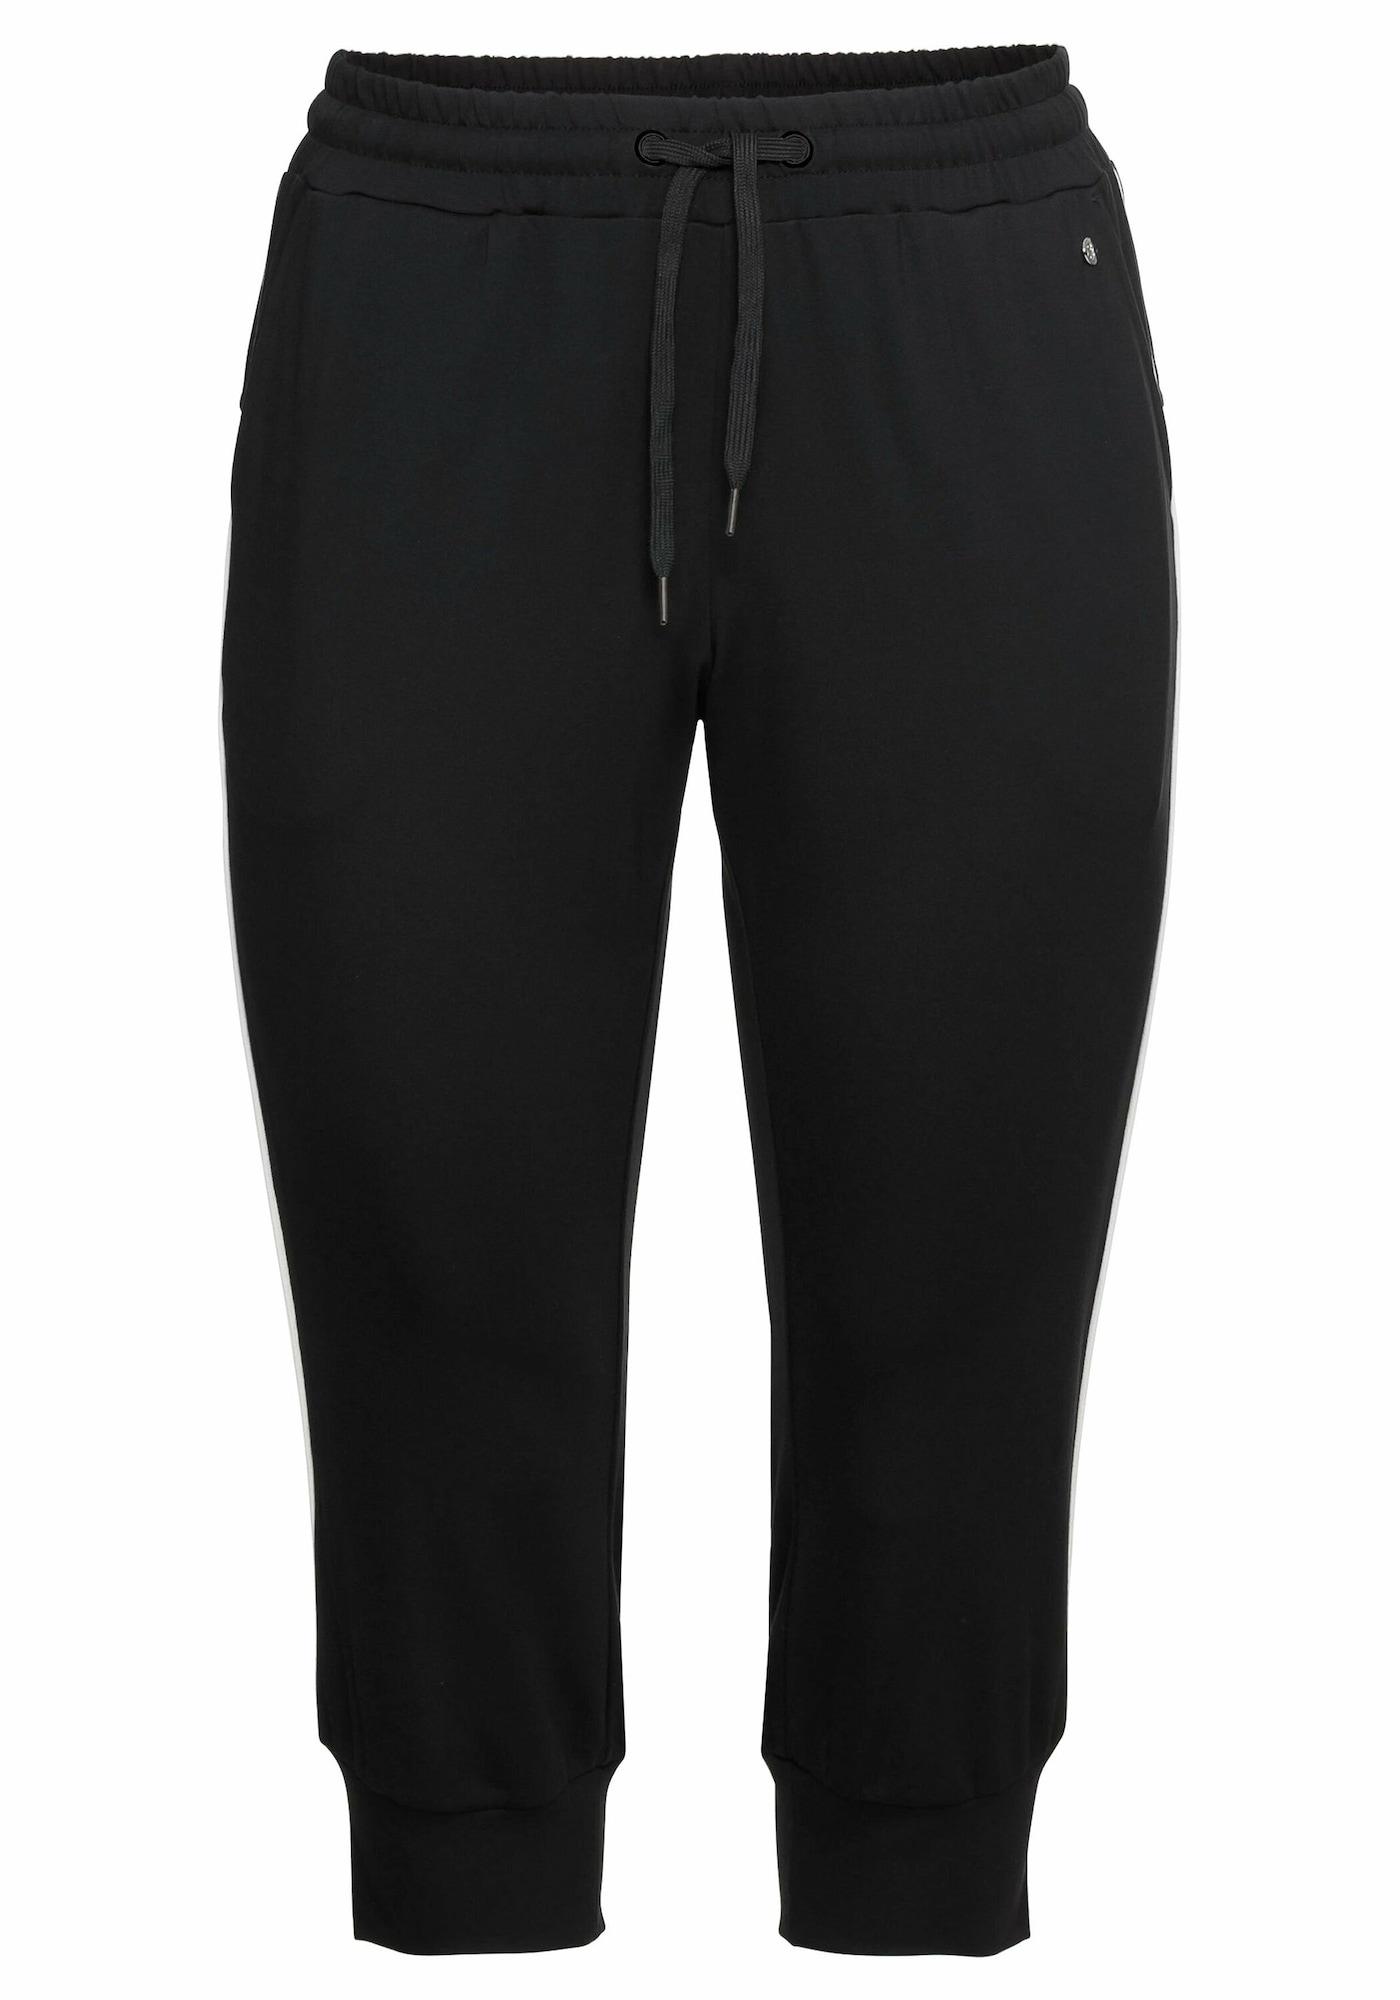 SHEEGO Sportinės kelnės juoda / balta